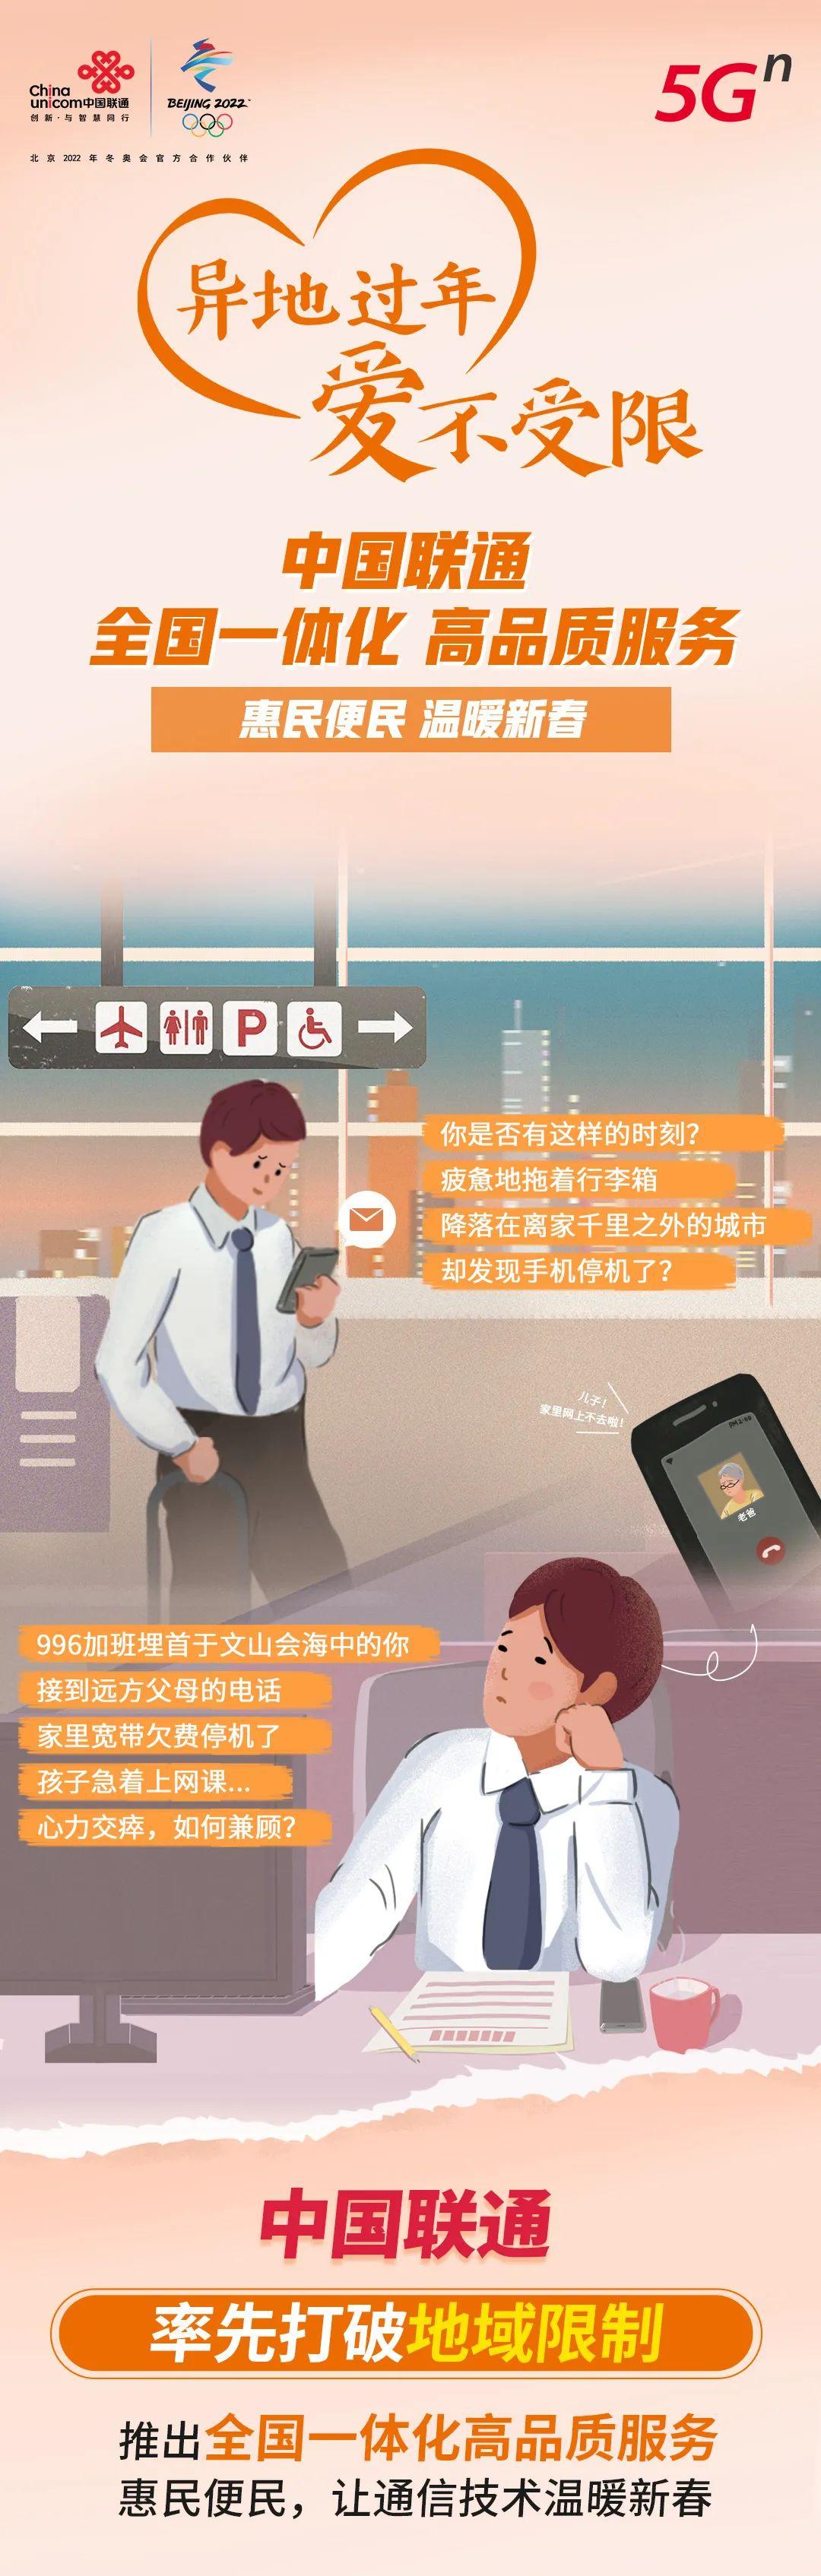 """情暖新春,中国联通""""异地同享""""服务为爱升级"""